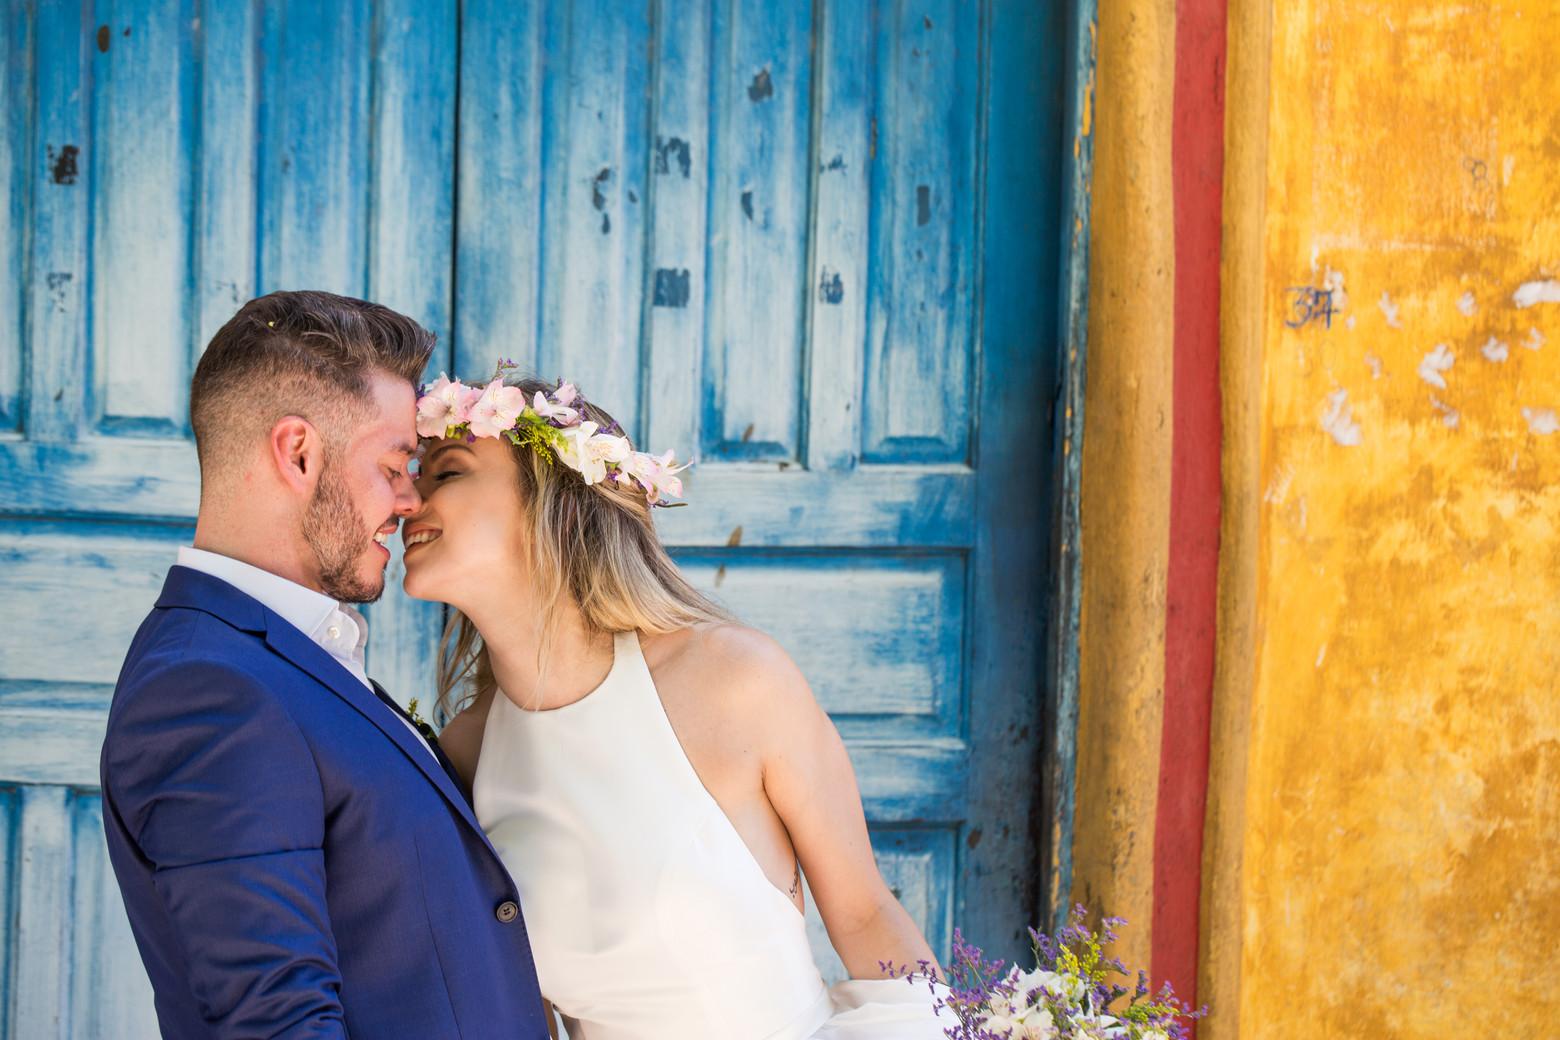 Casamento Taynara e Jadir Igrejinha do Quadrado Trancoso Outubro 20th 2017  Fotografo Karib Ribeiro